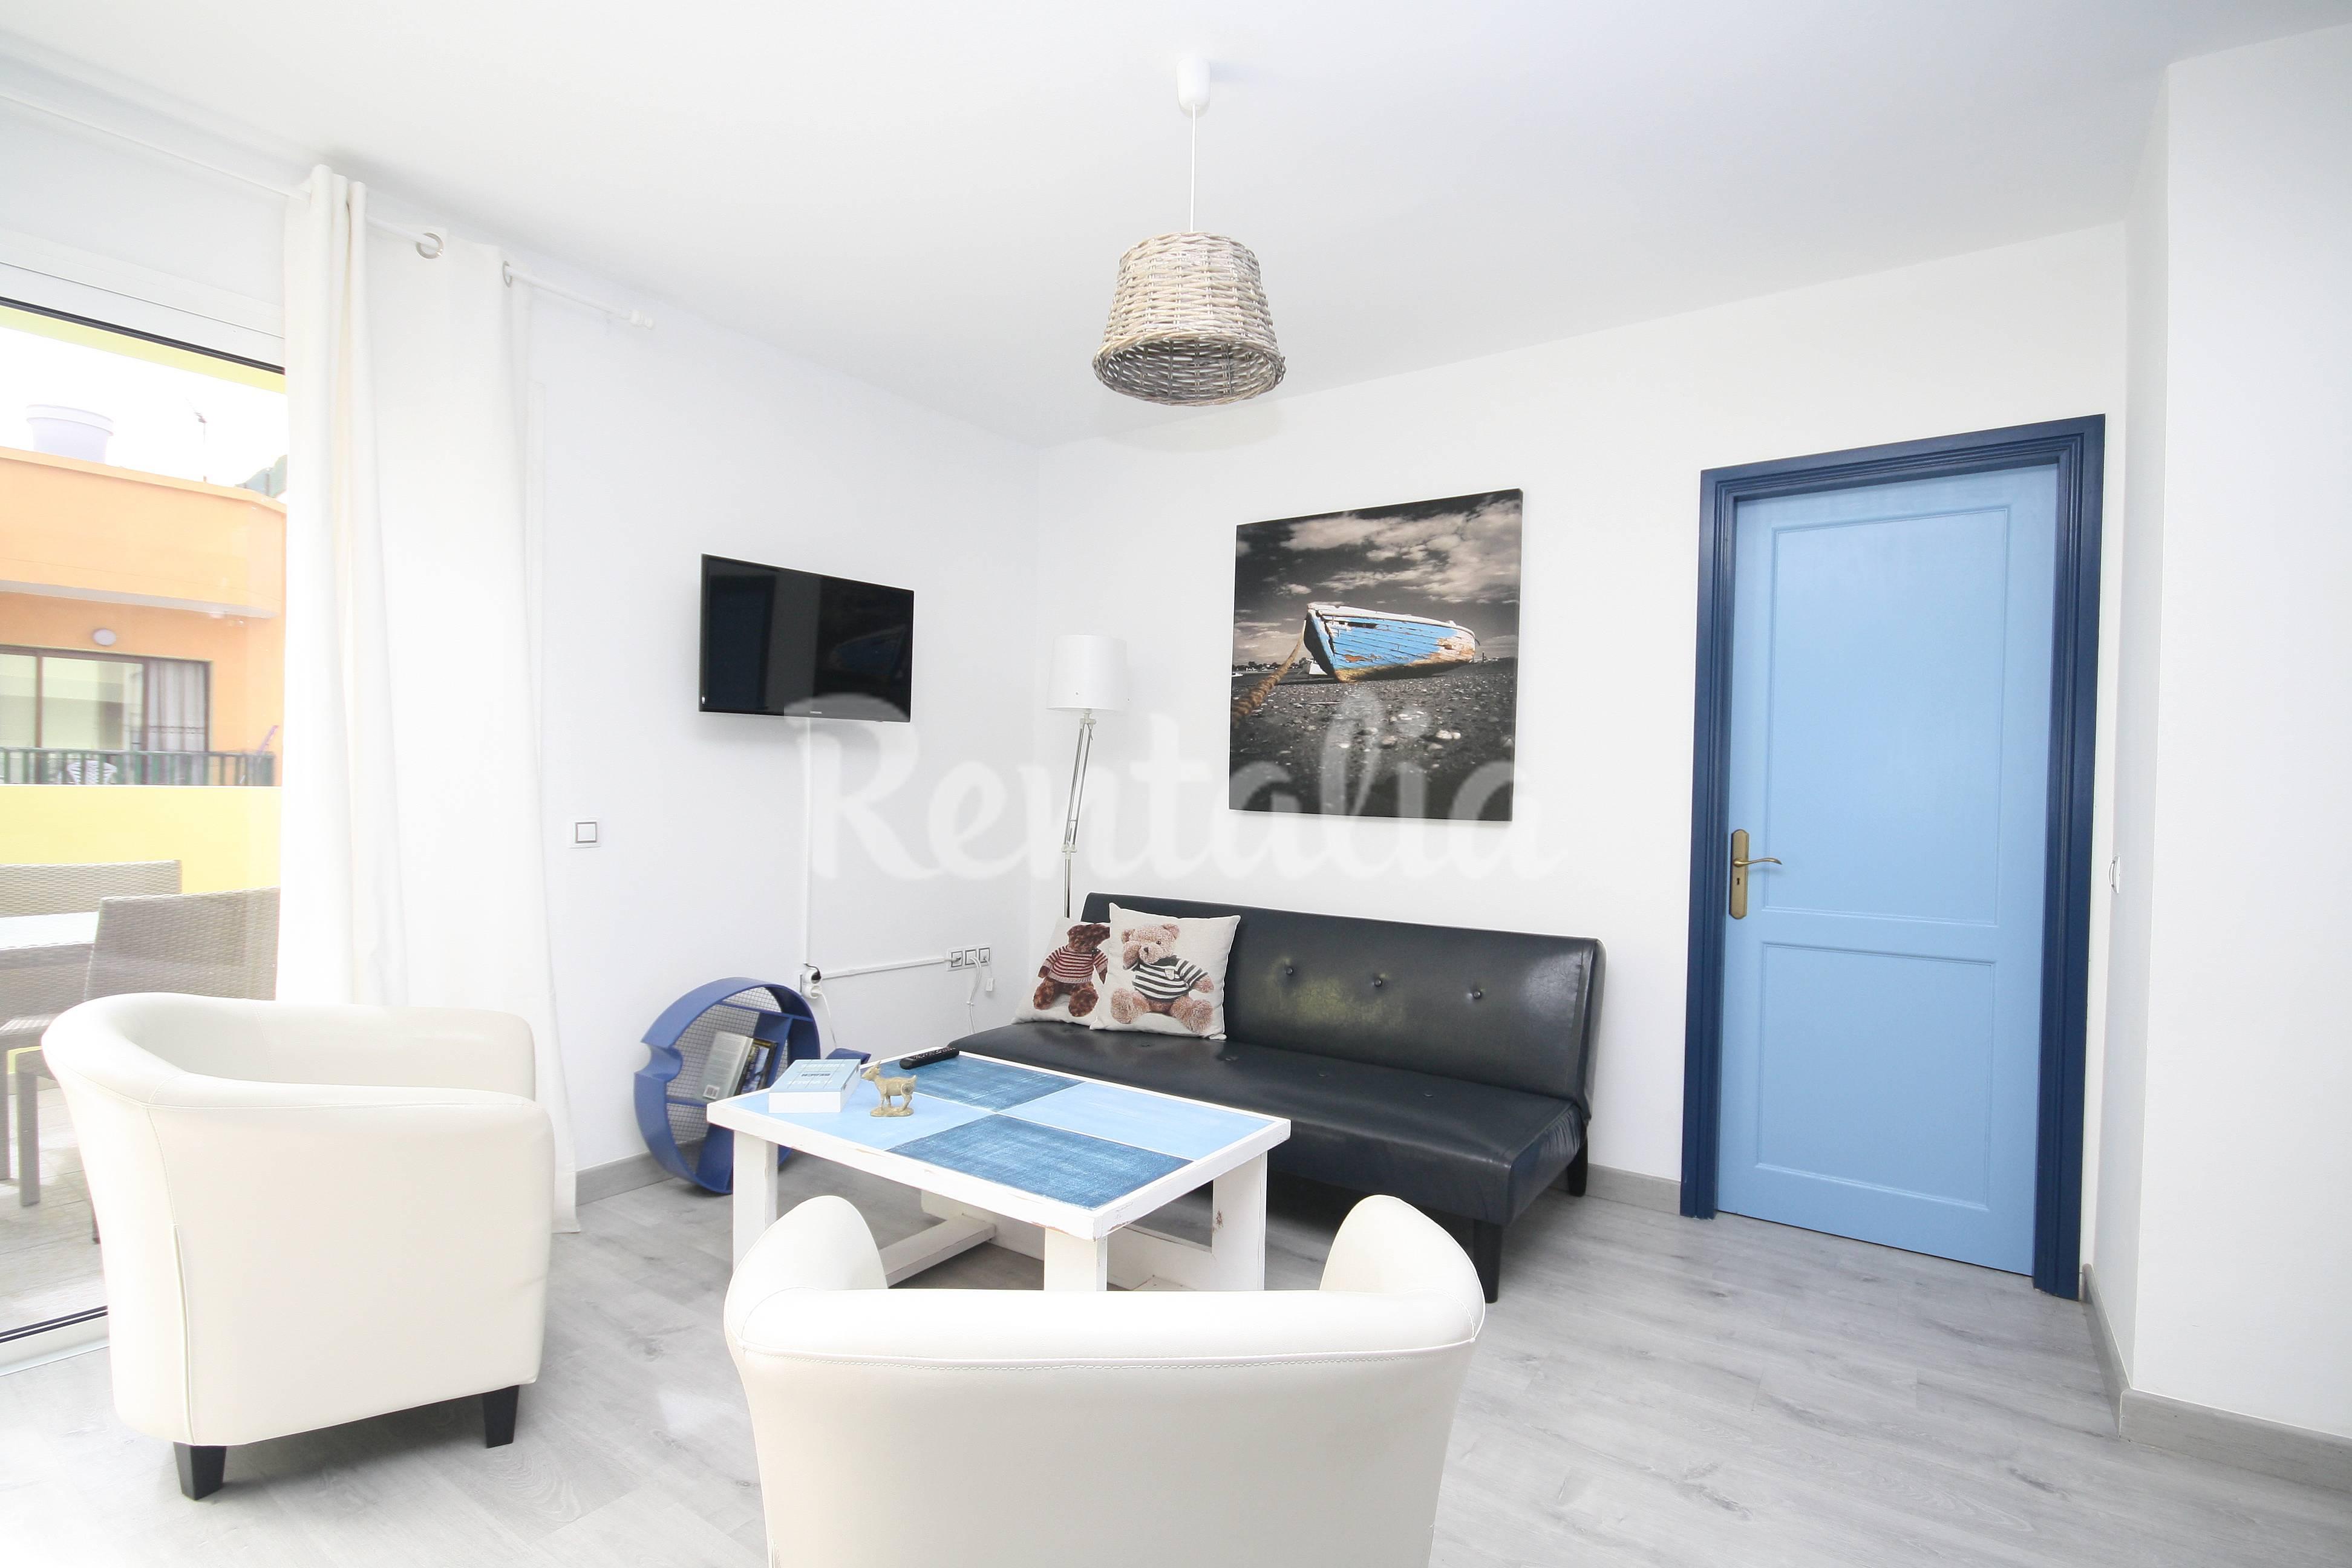 Apartamento en alquiler a 100 m de la playa corralejo playa la oliva fuerteventura - Alquiler de apartamentos en oliva playa ...